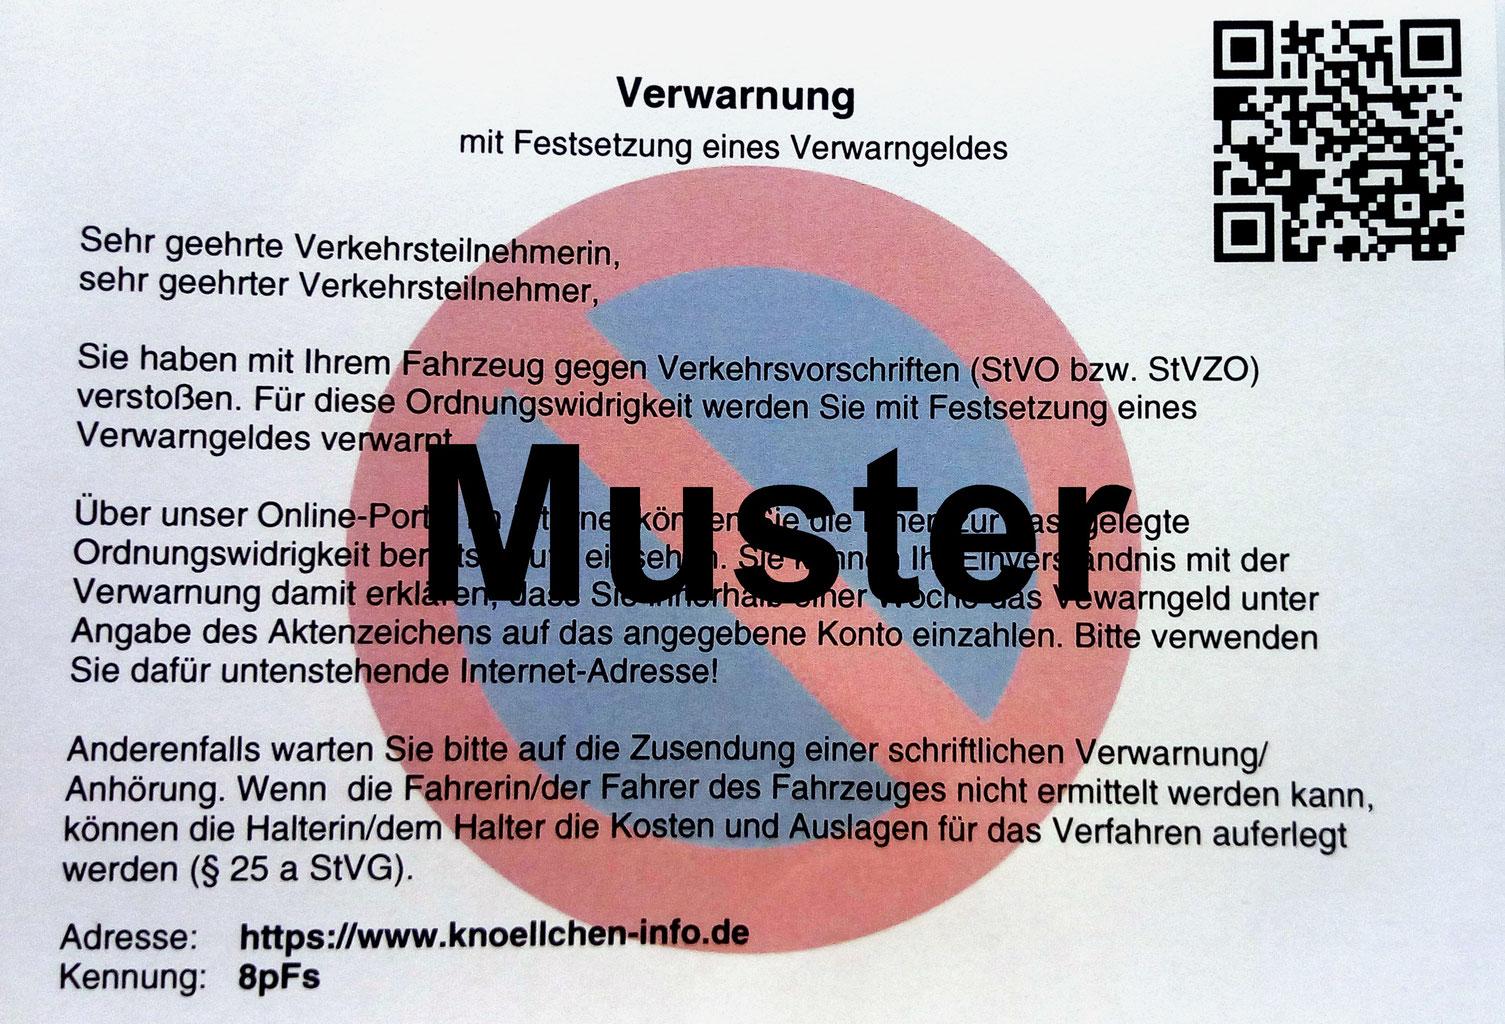 Verkehrsüberwachung Verwaltungsgemeinschaft Grevesmühlen